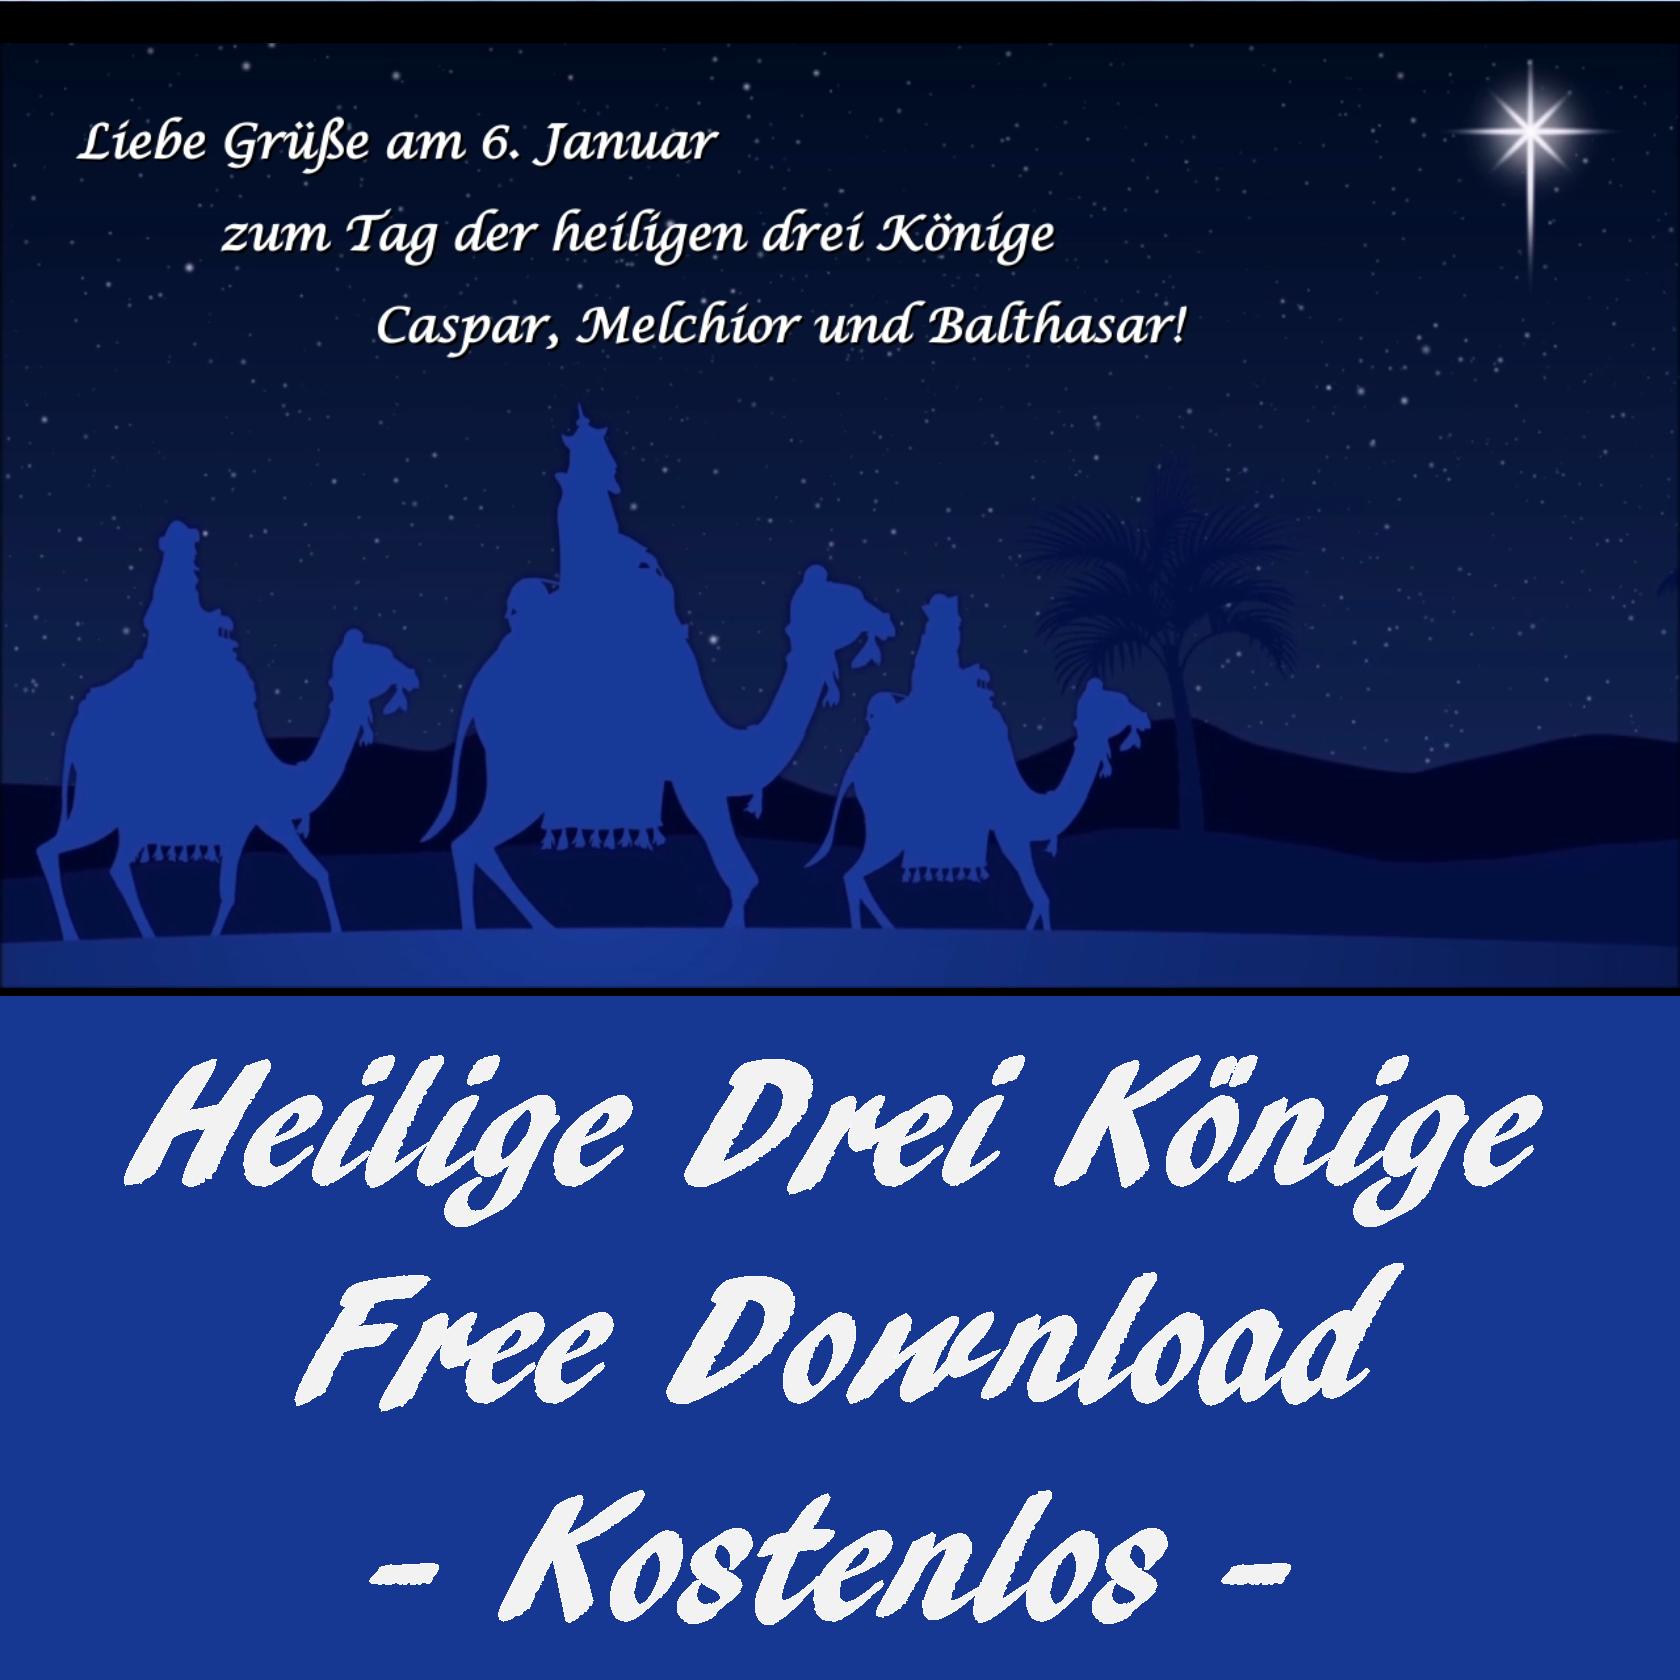 Feiertag Heilige Drei Könige